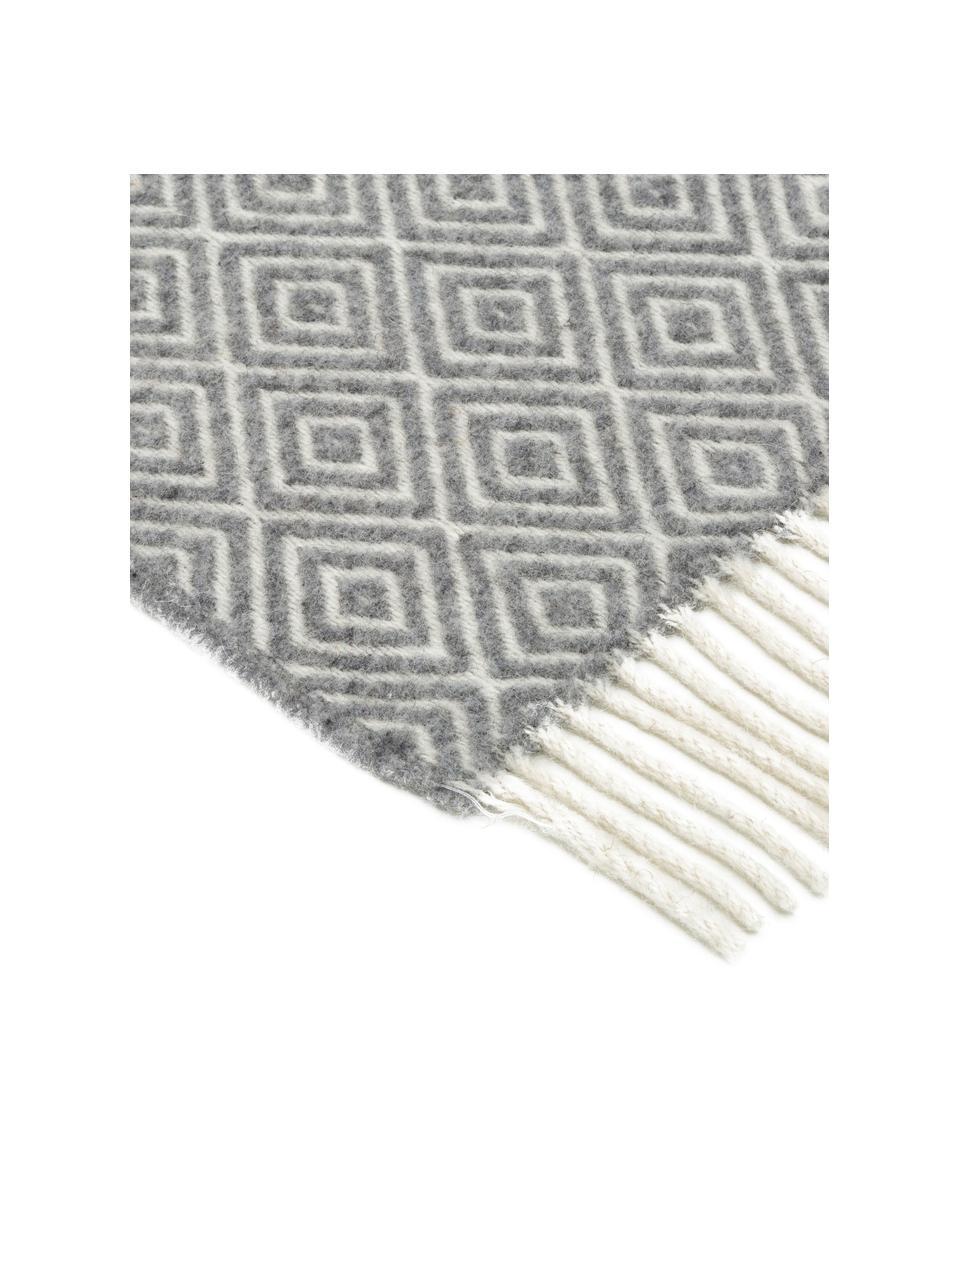 Wolldecke Alison mit feinem grafischem Muster, 80% Merinowolle, 20% Nylon, Gebrochenes Weiß, Hellgrau, 140 x 200 cm